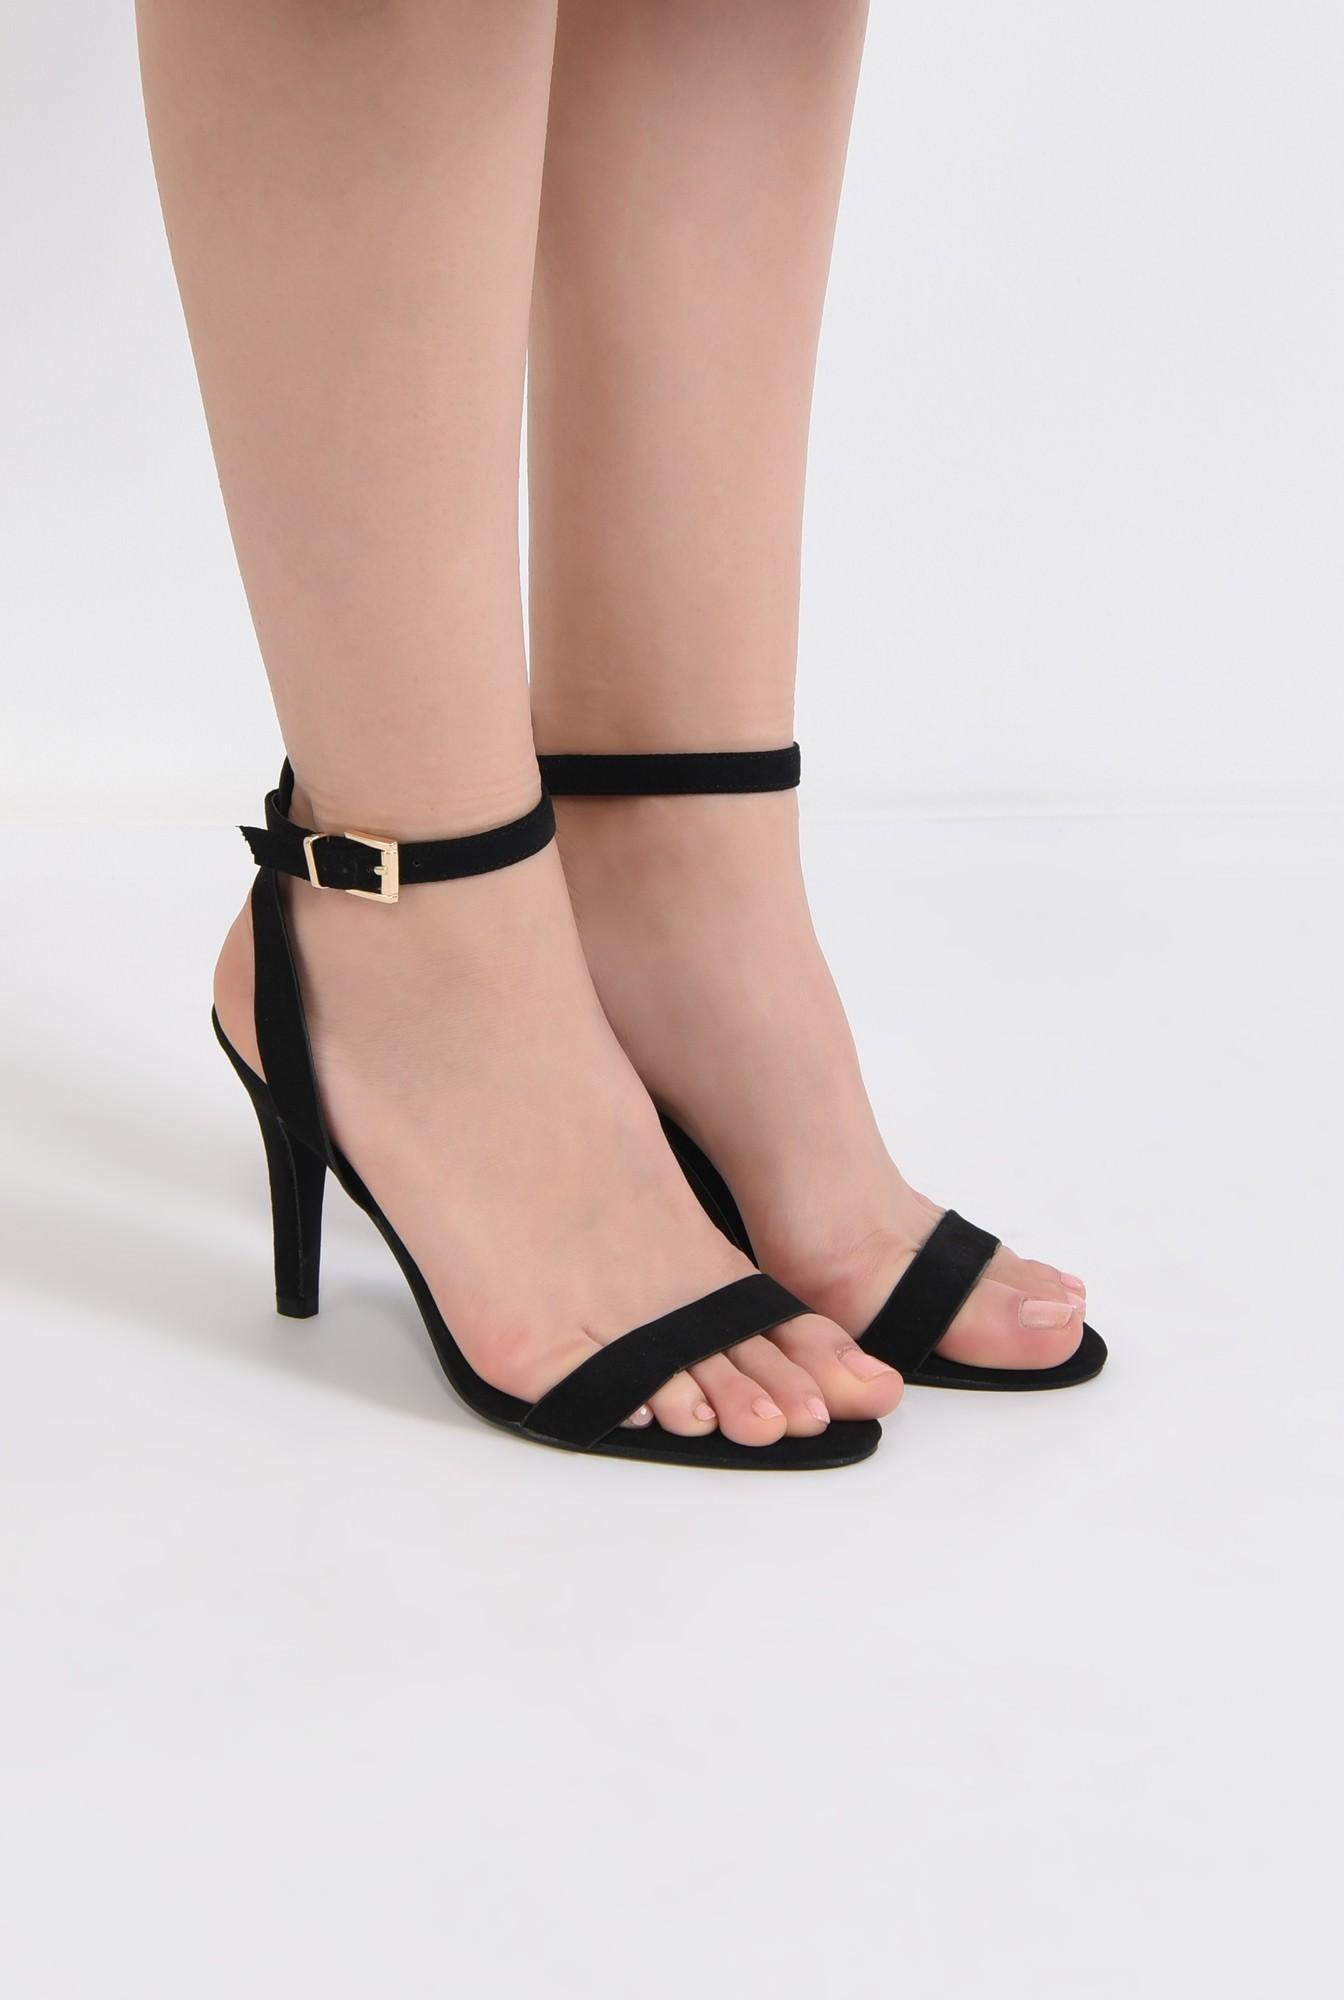 1 - sandale casual, toc subtire, bareta la glezna, negru